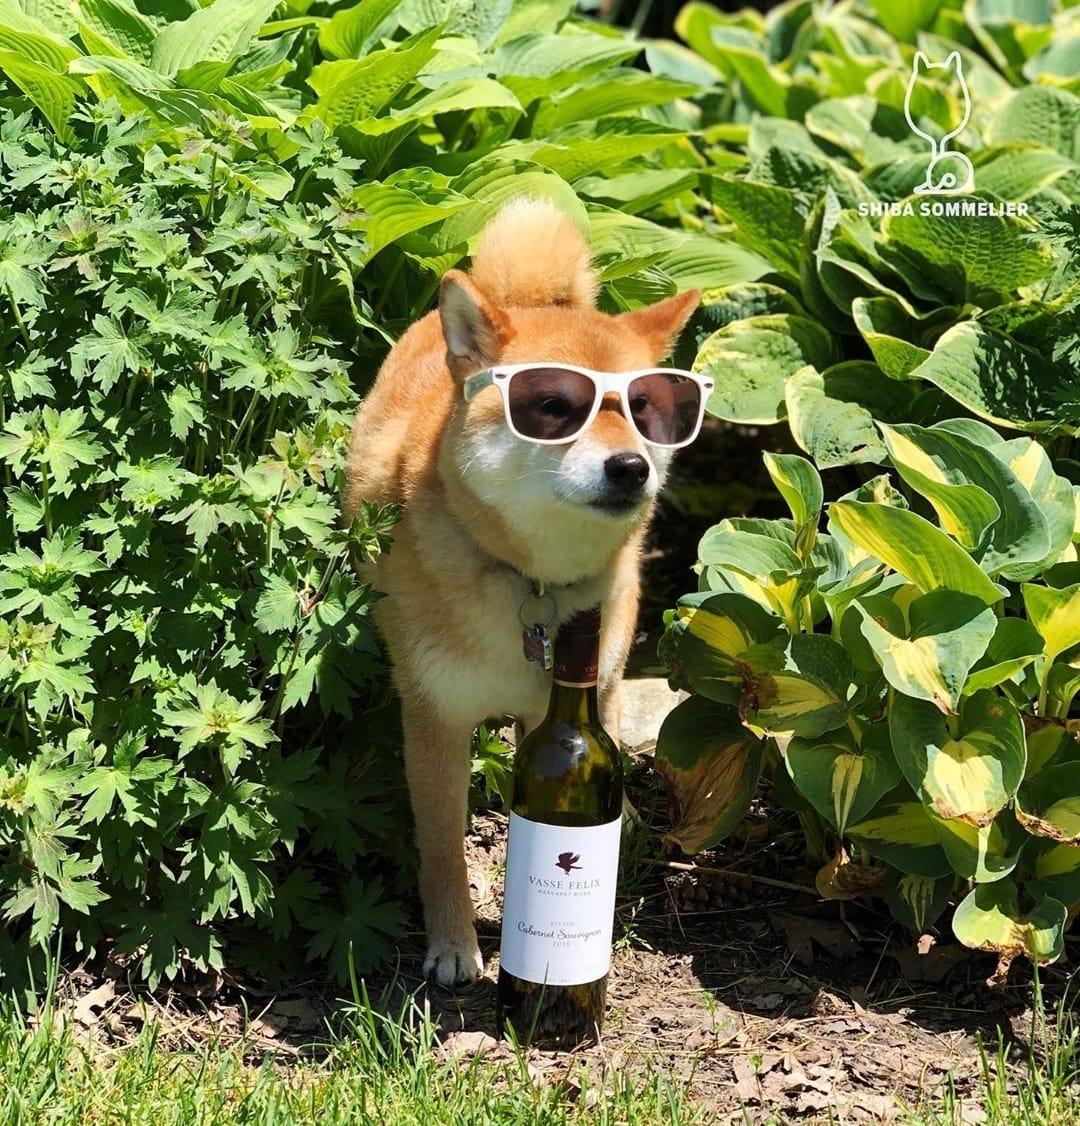 my favorite kind of wine selfie